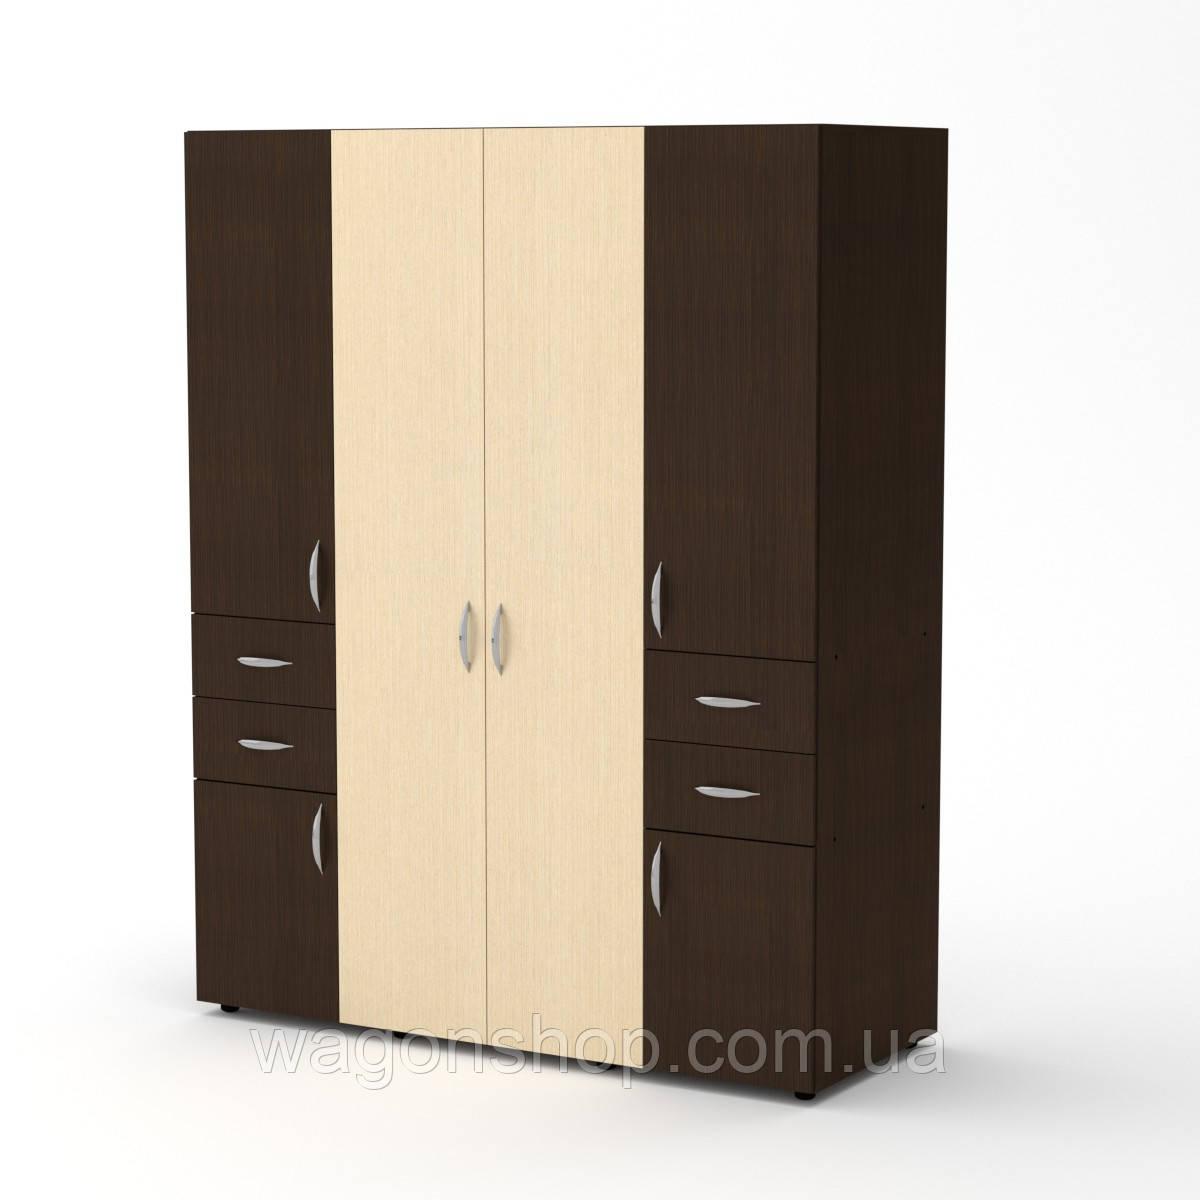 Шкаф для спальни Компанит ШКАФ-20